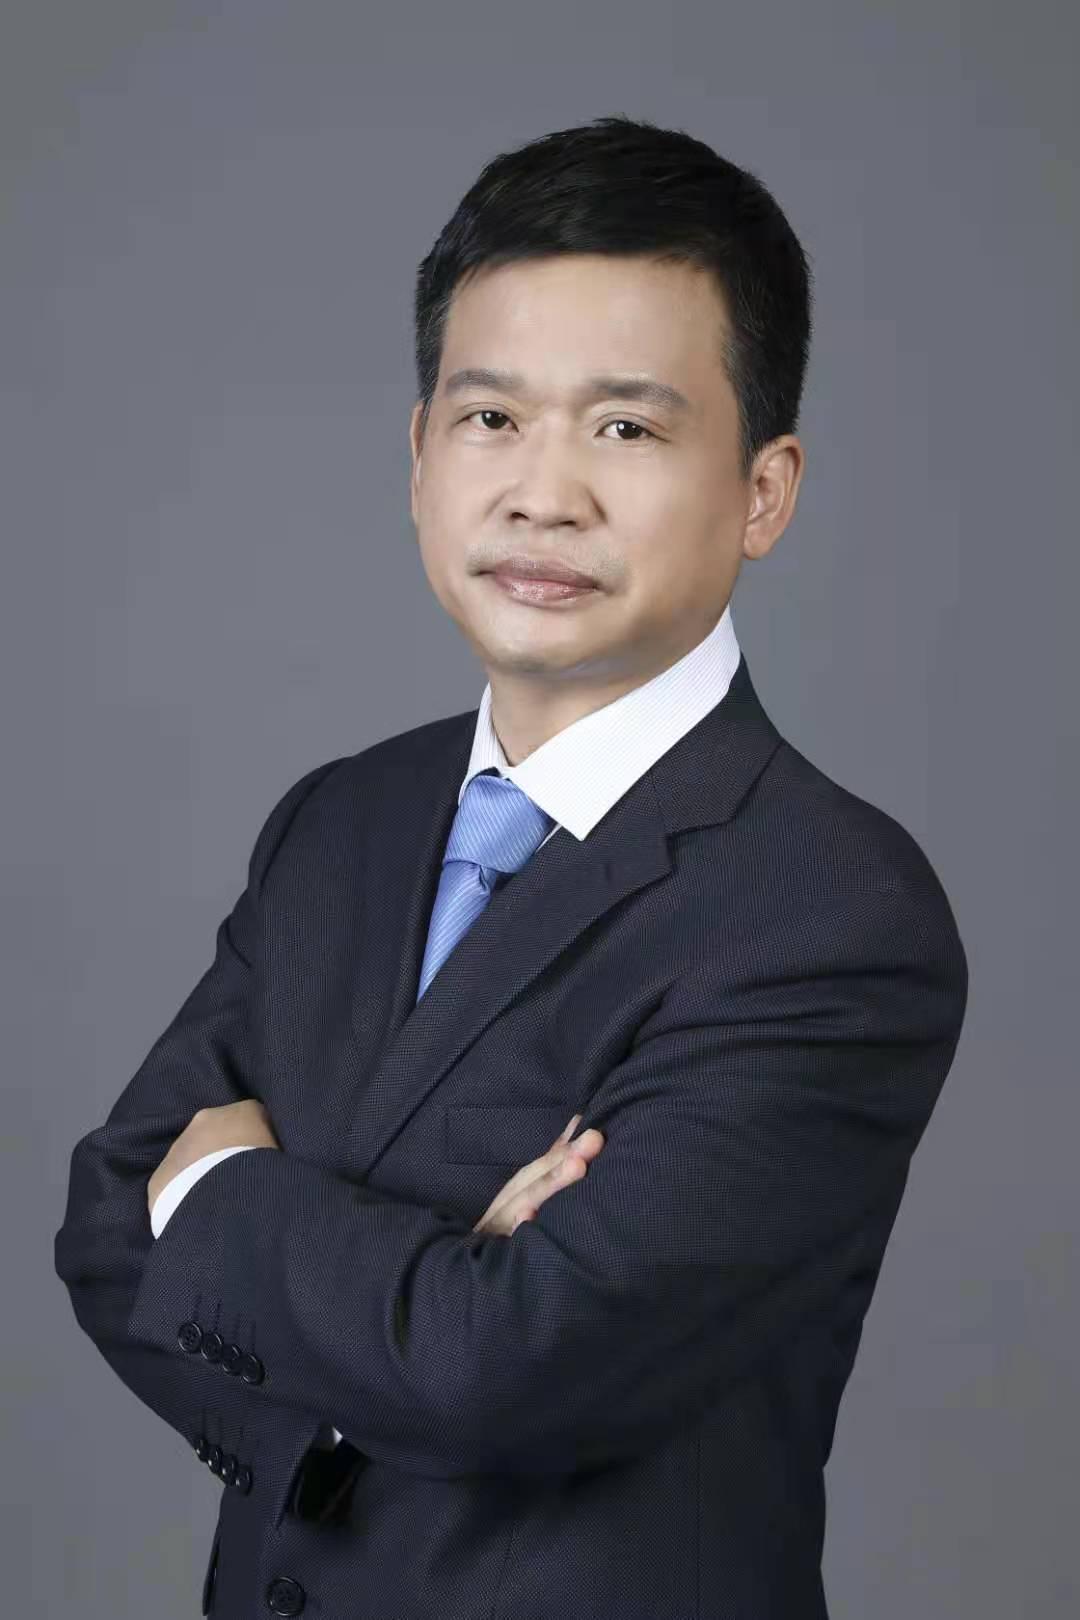 中证金融研究院首席经济学家潘宏胜